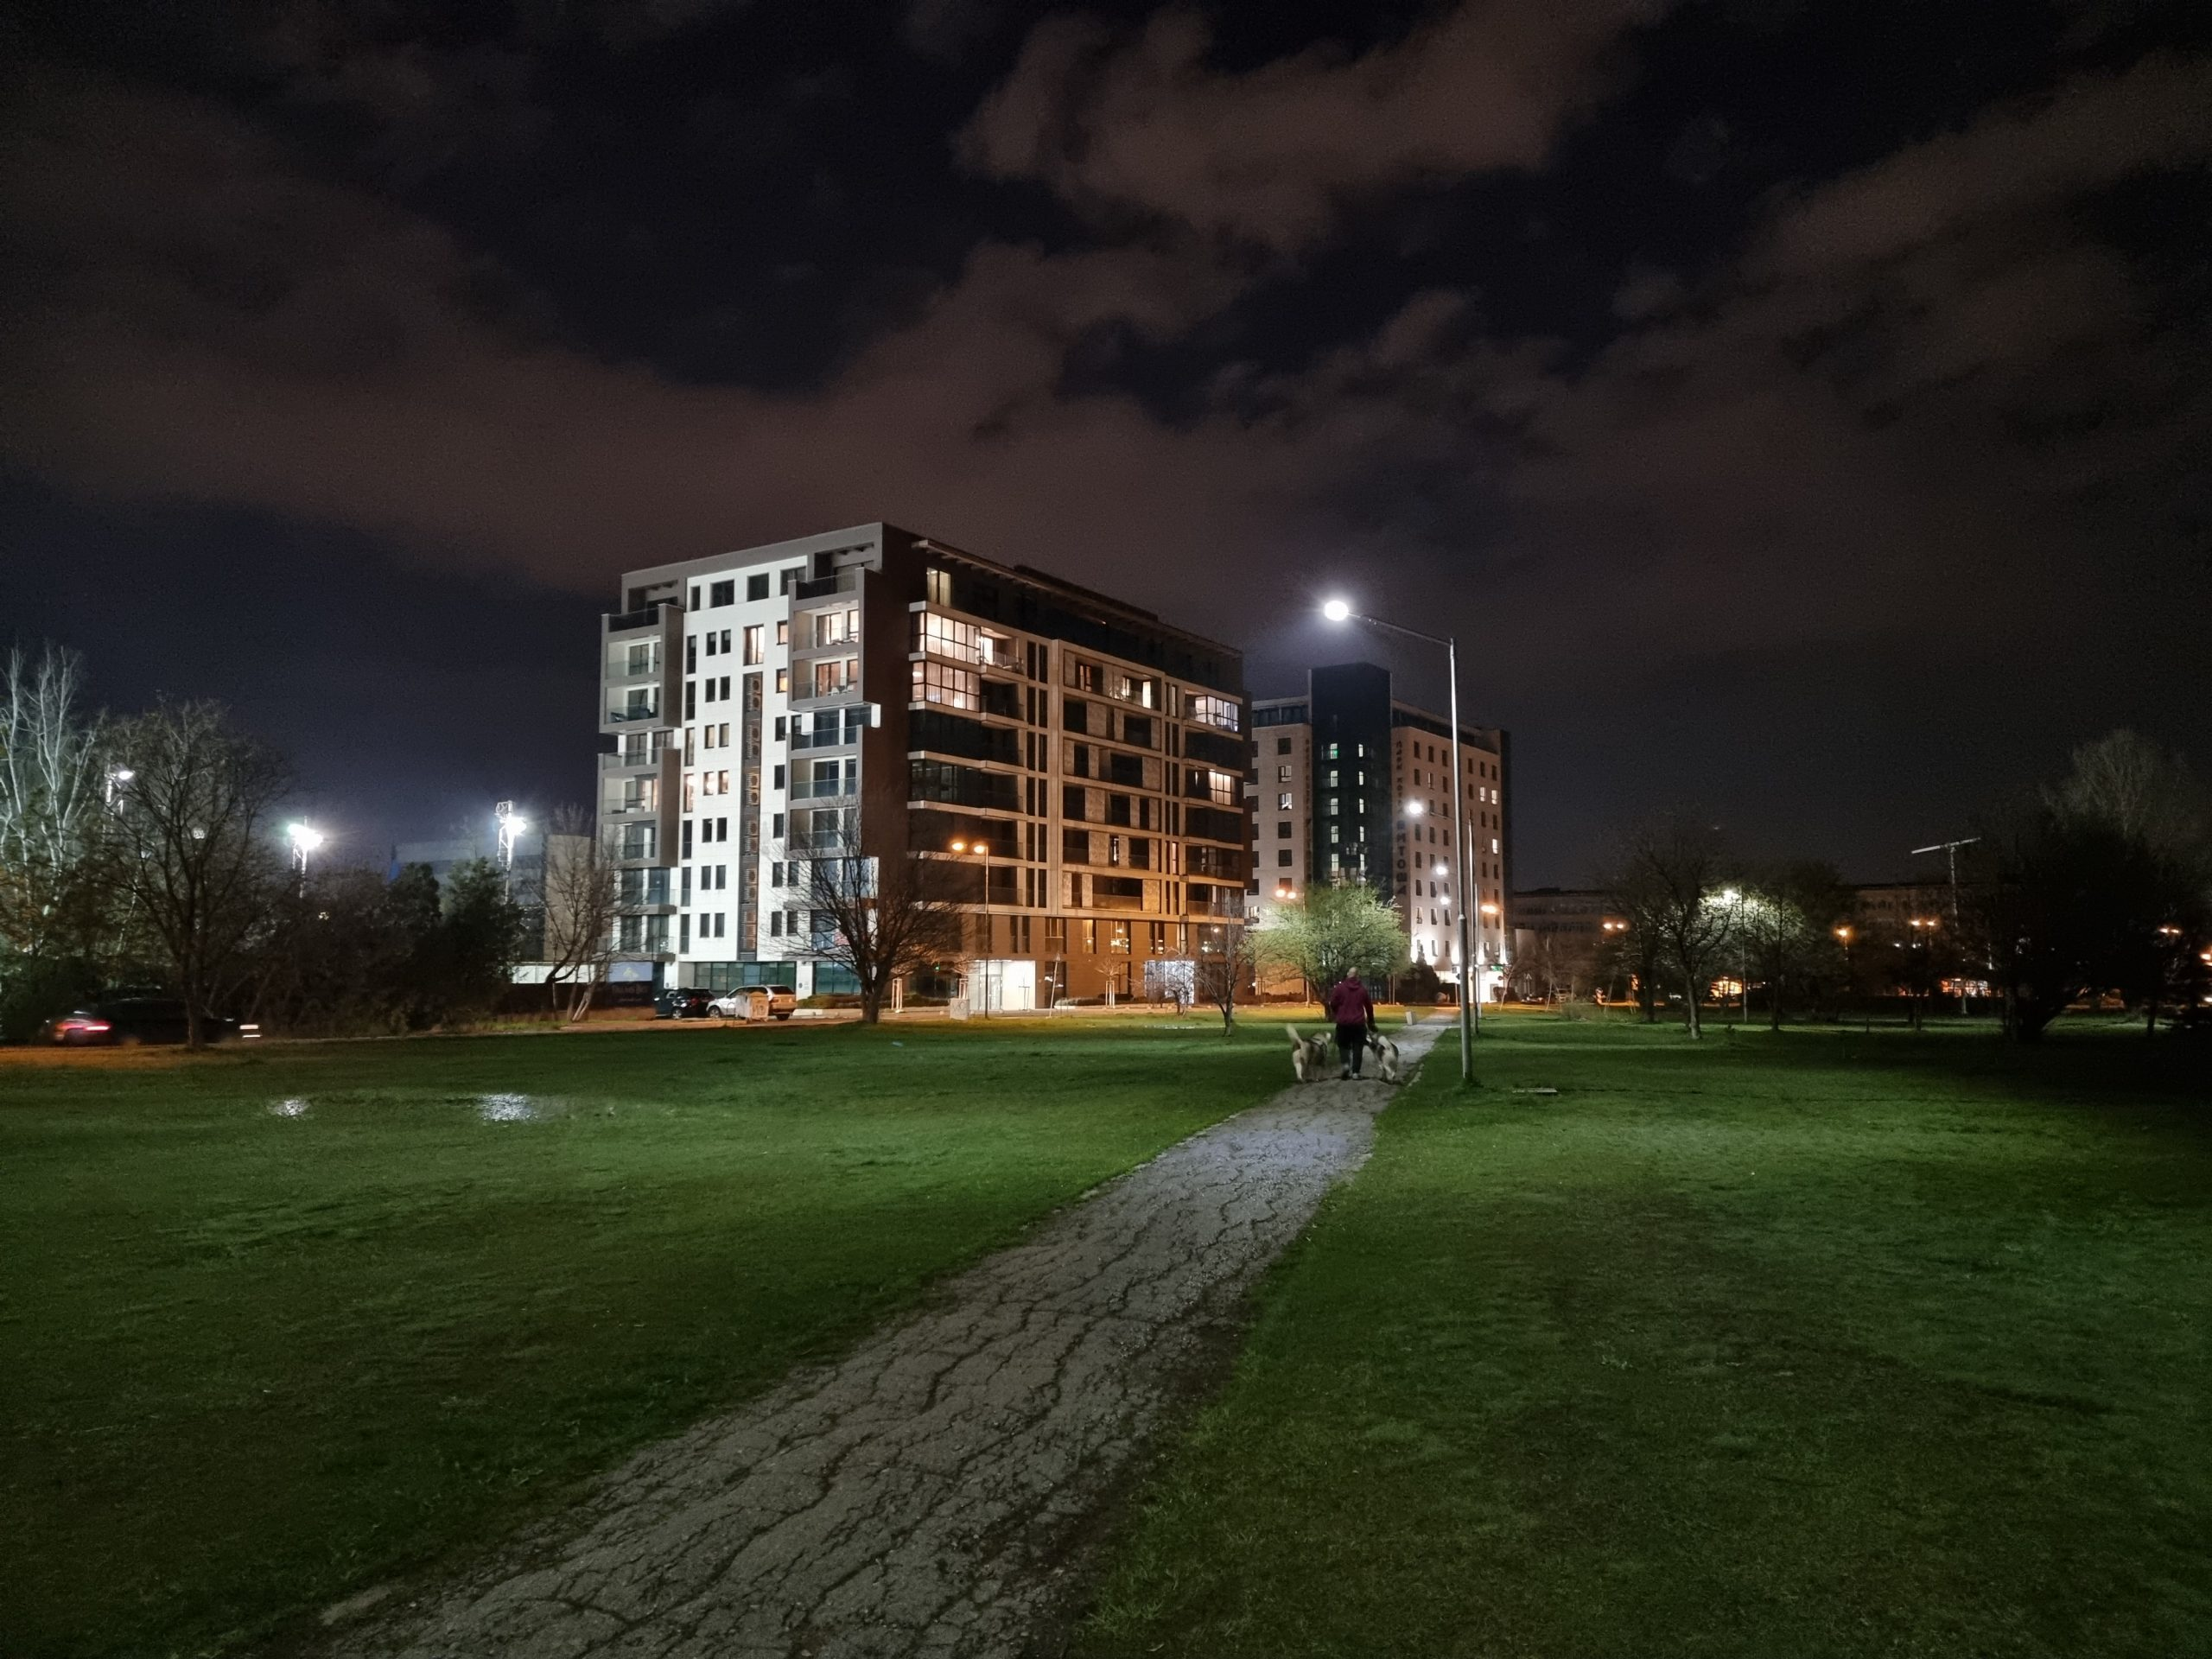 دوربین اس 21 اولترا در شب scaled